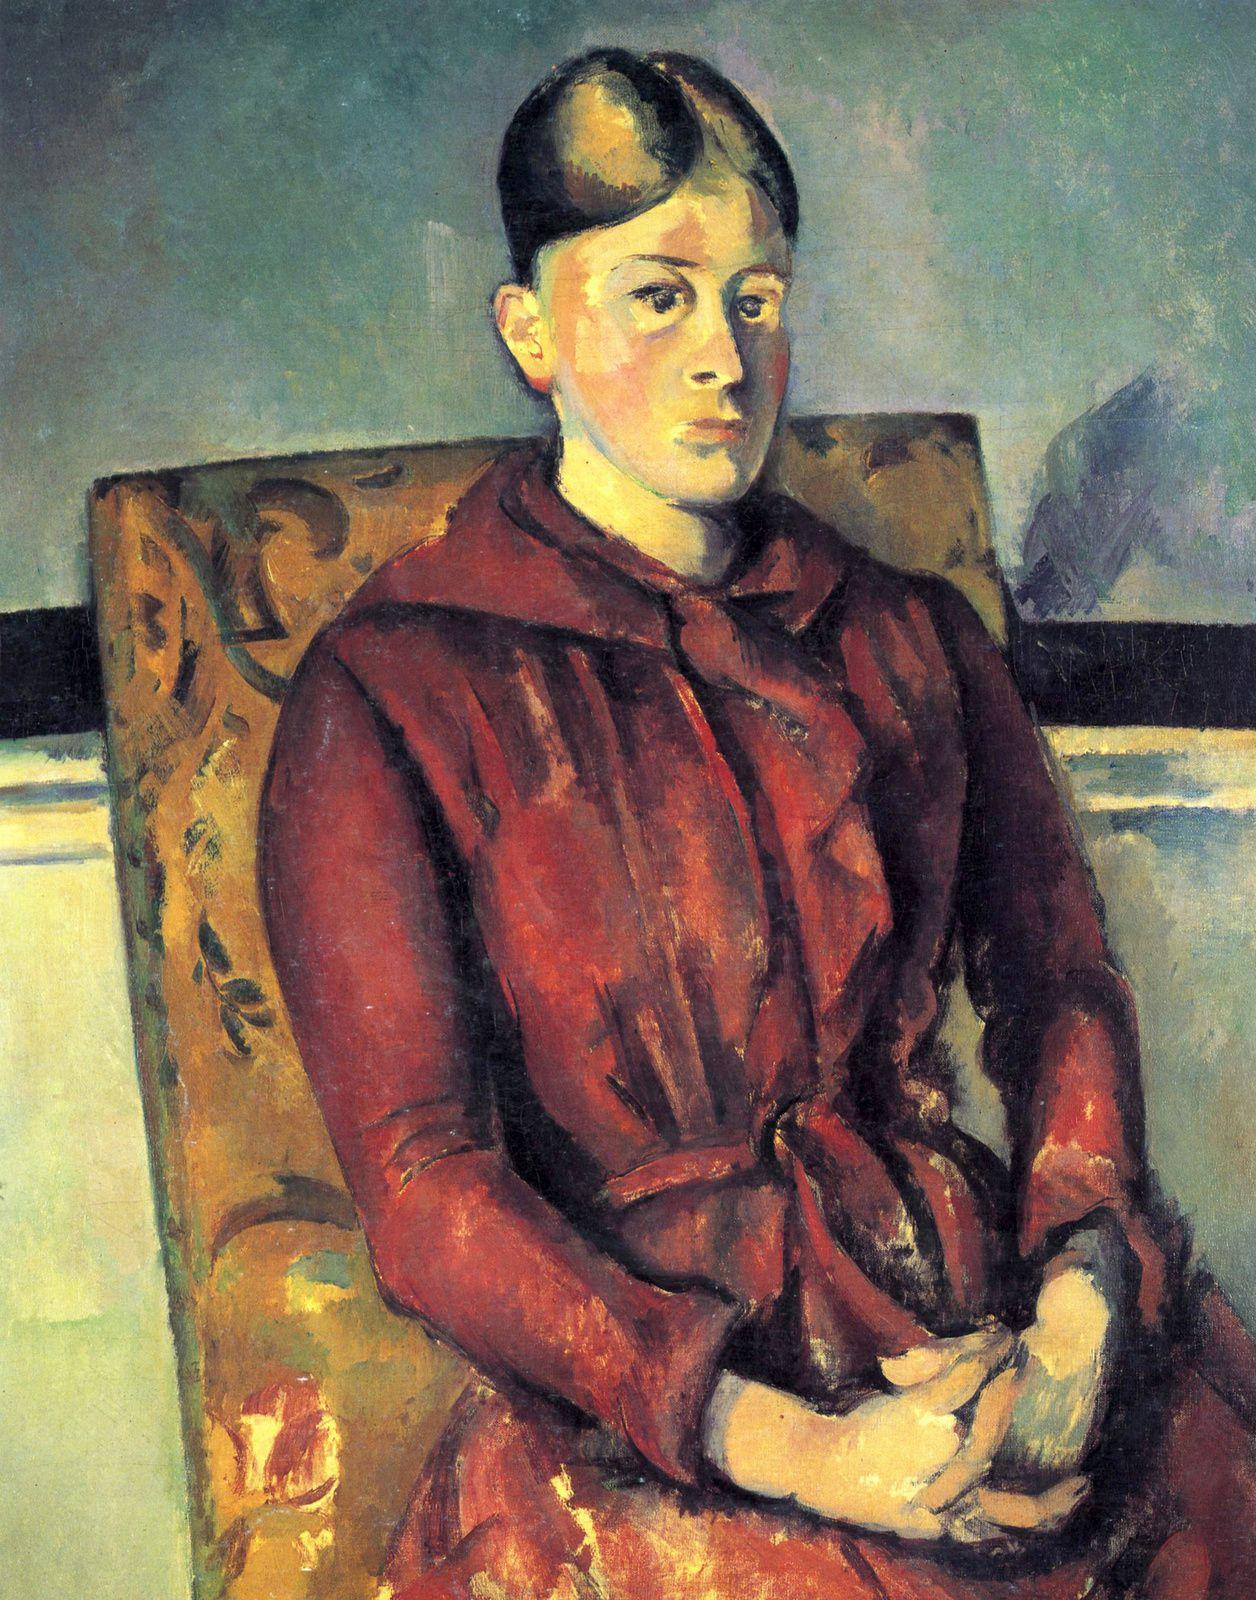 """""""Madame cézanne sur une chaise jaune"""", 1888-90 de Paul Cézanne - Courtesy Fondation Beyeler, Basel"""